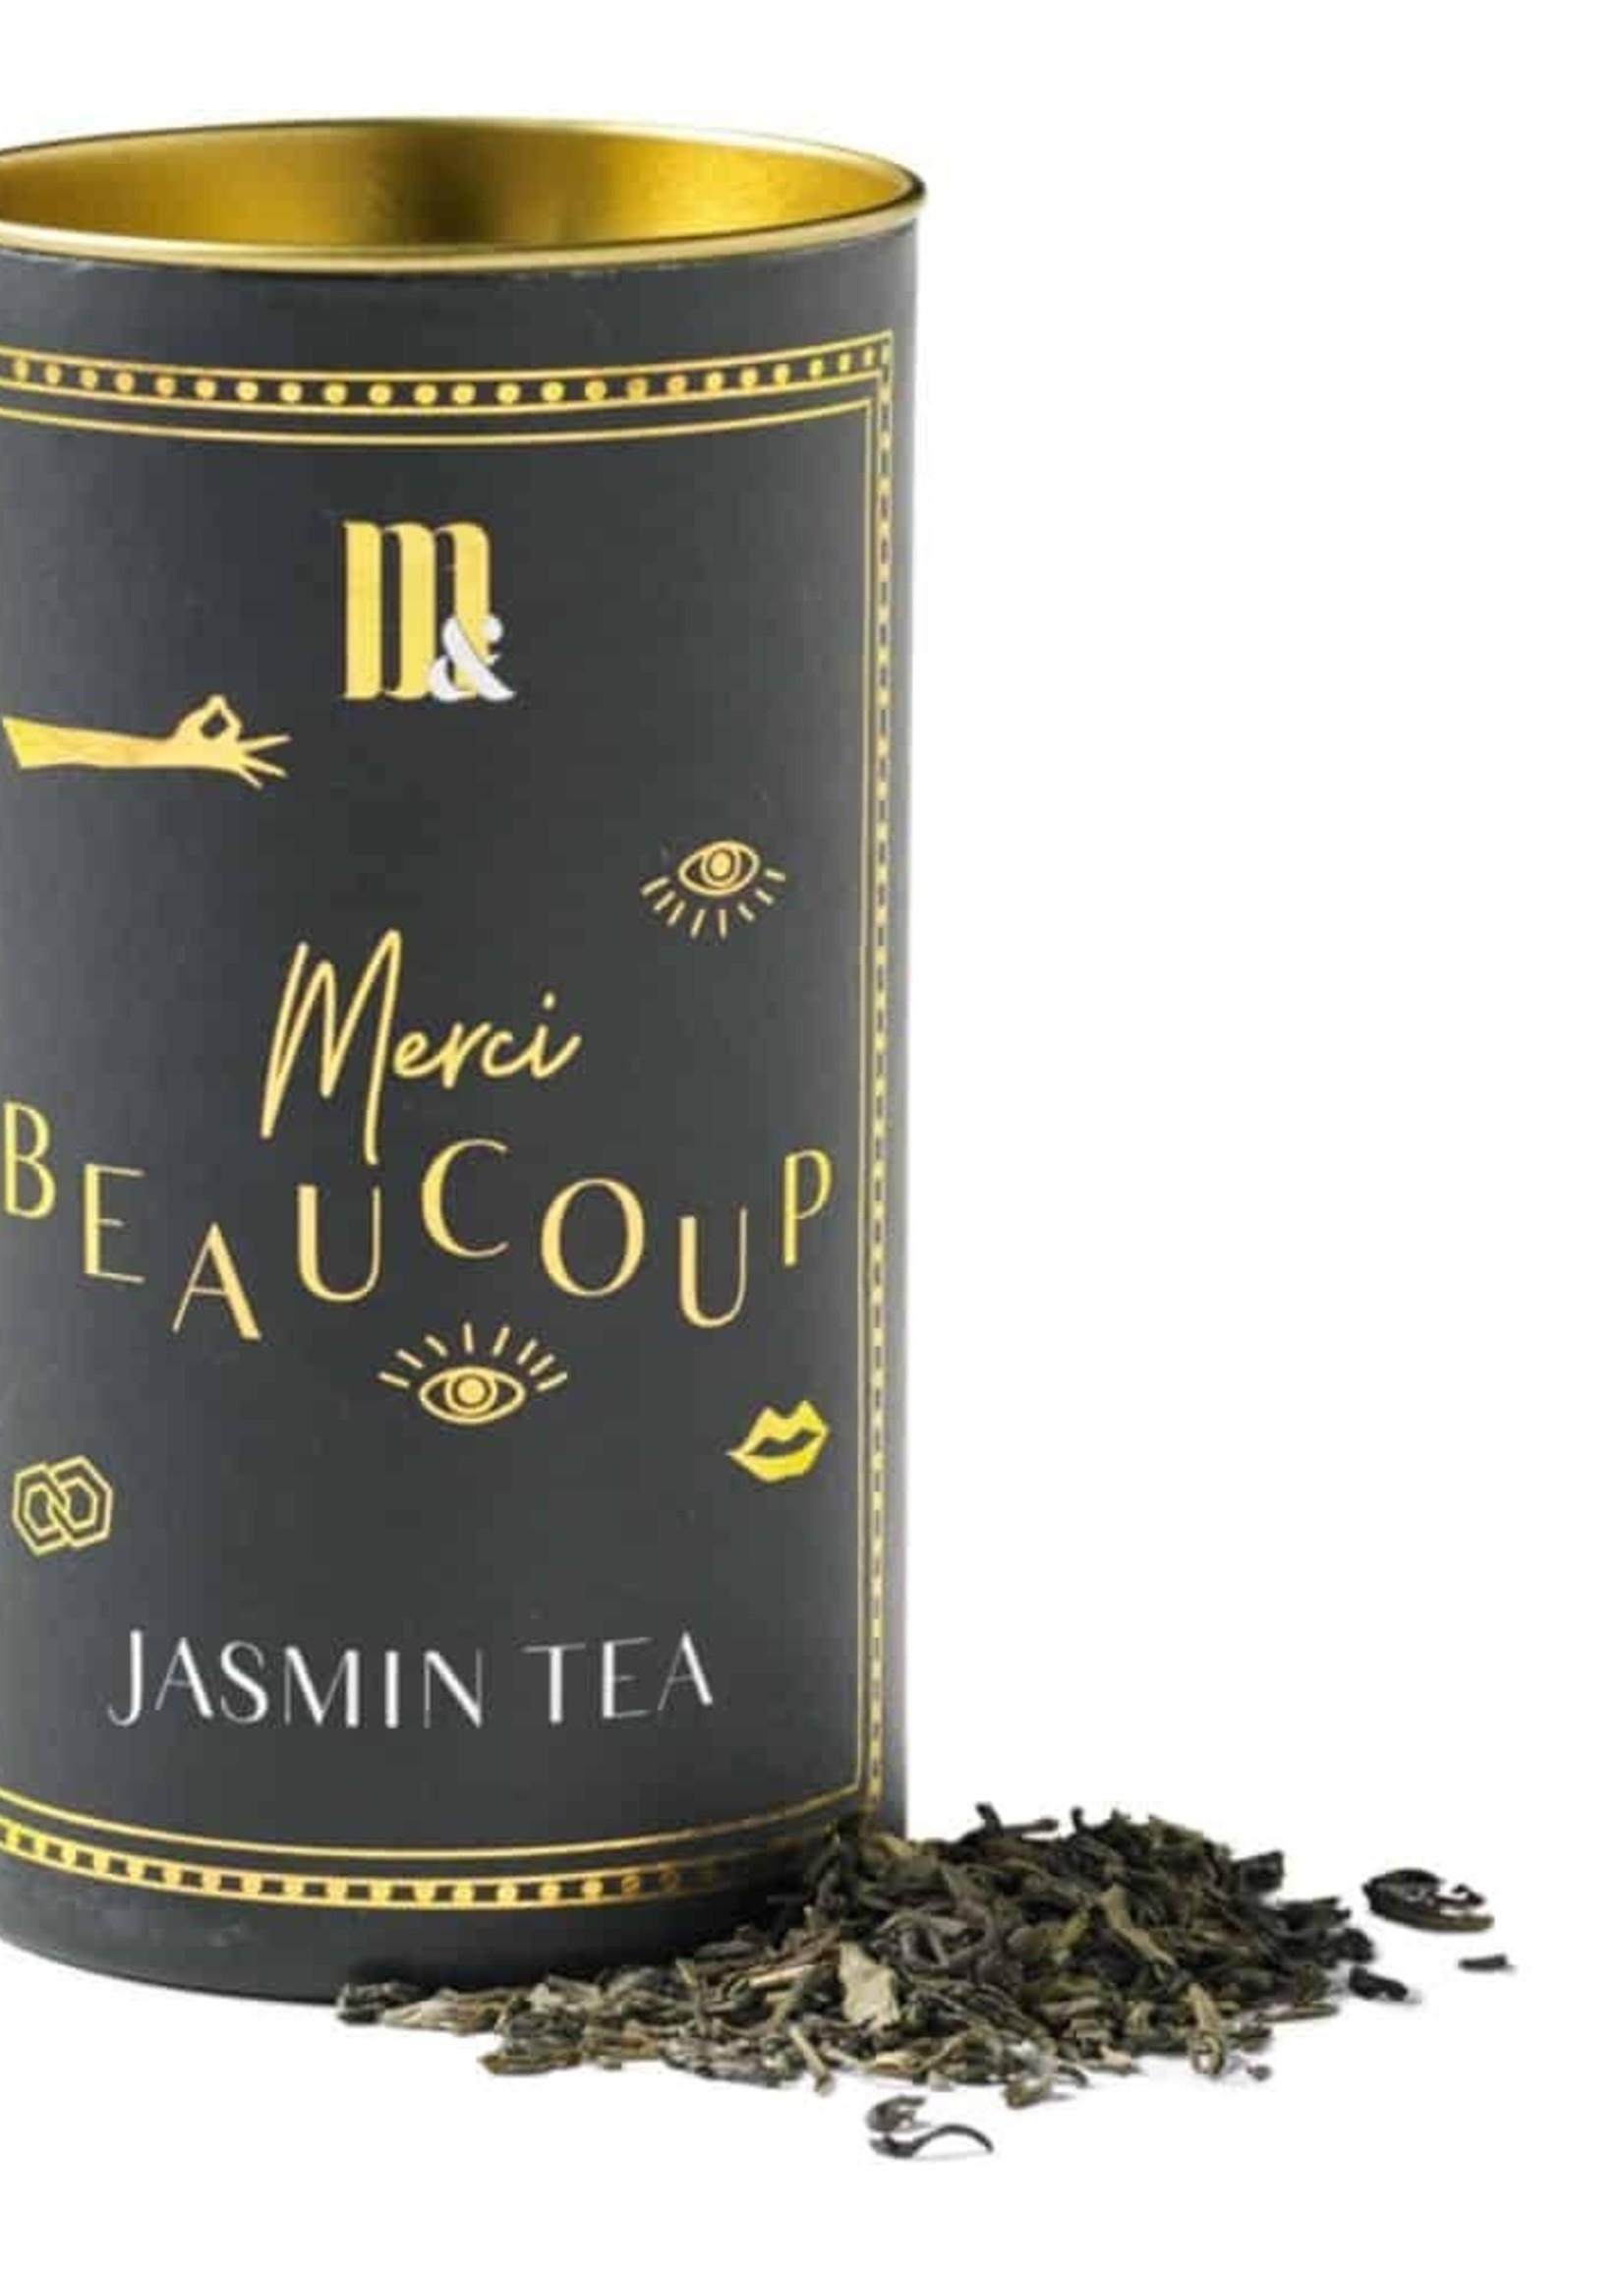 Me & Mats Me & Mats Jasmin Tea Merci Beaucoup